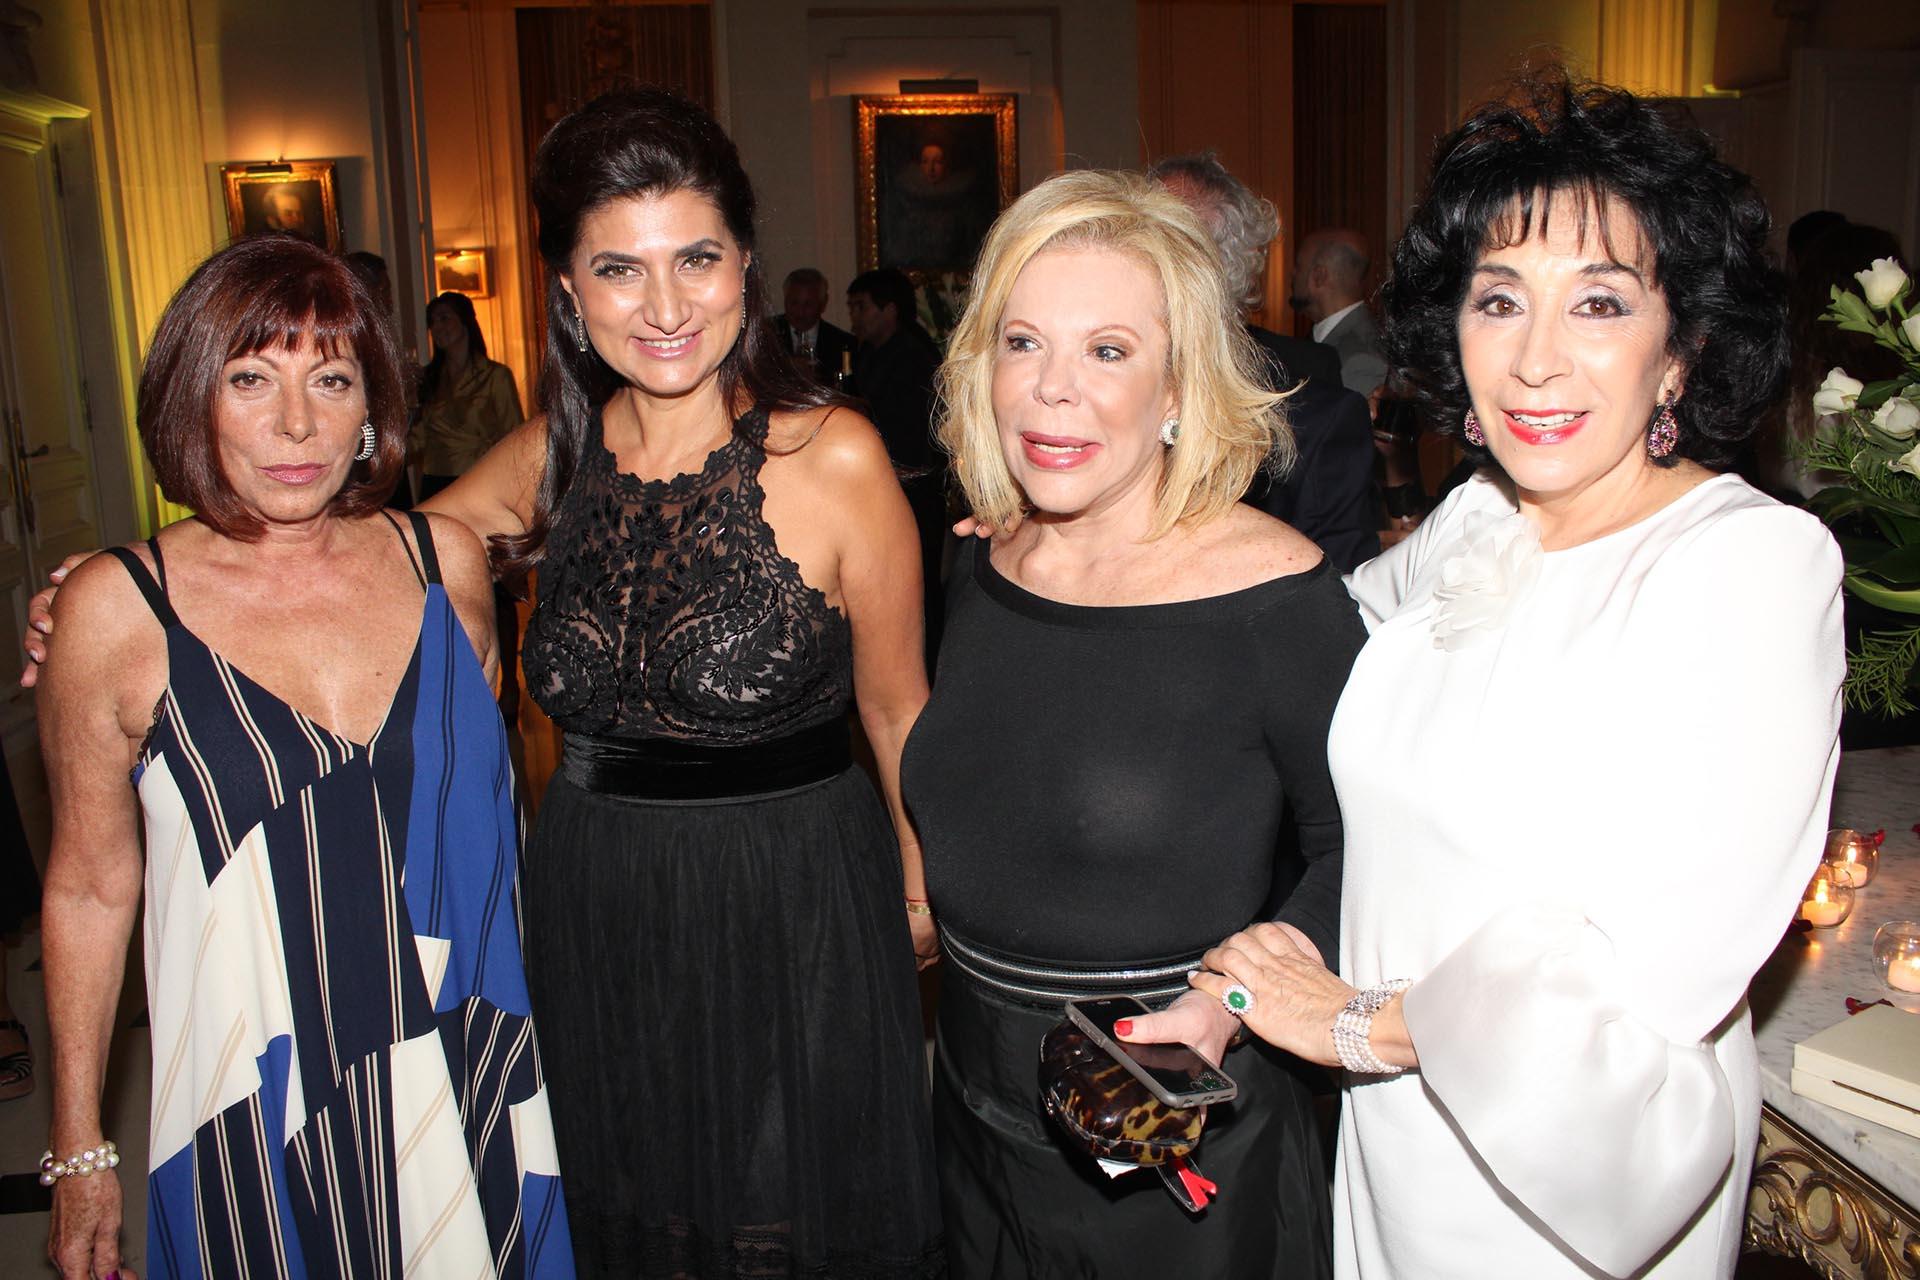 Ercilia Nofal, María Isabel Siman Menem, Marina Dodero y Graciela Pérez Lastra /// Fotos: Jorge Amado